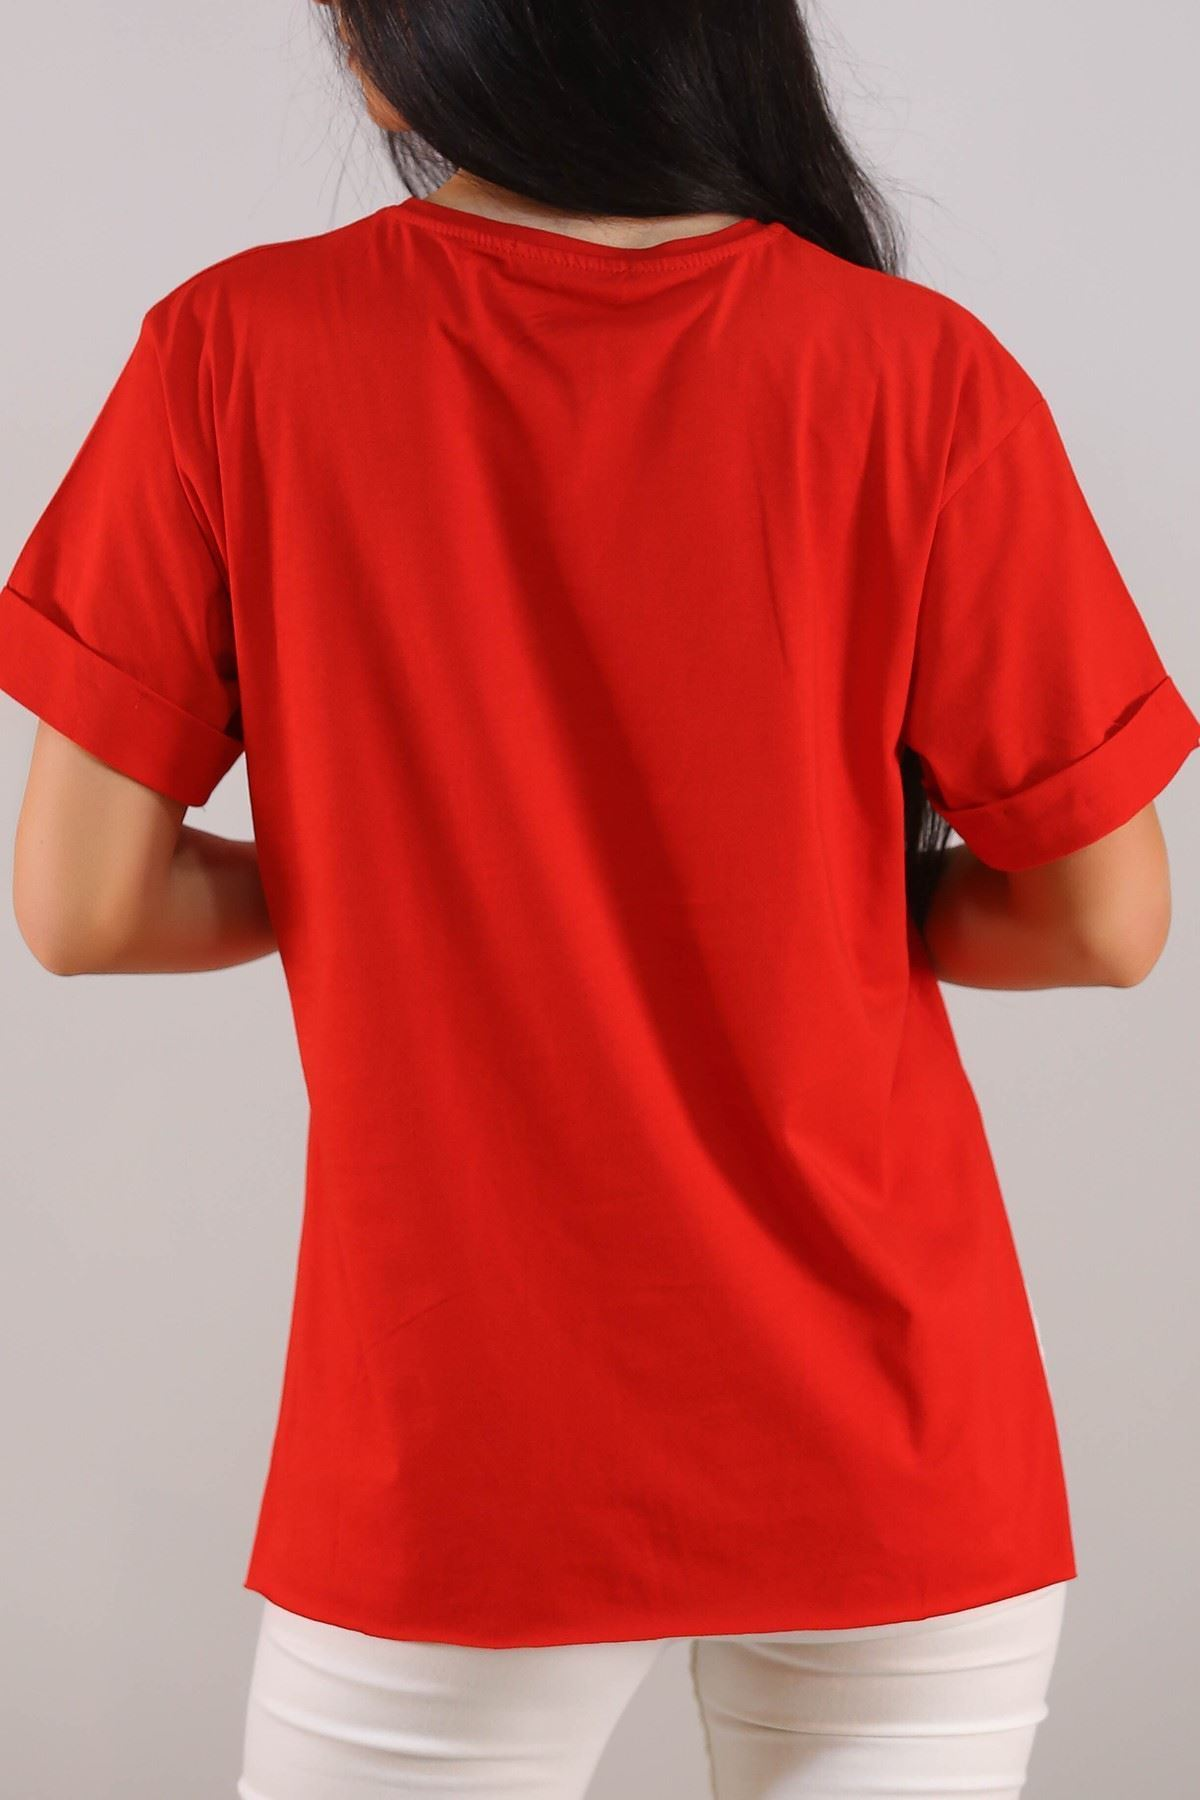 Yırtmaçlı Baskılı Tişört Kırmızı - 1068.275.